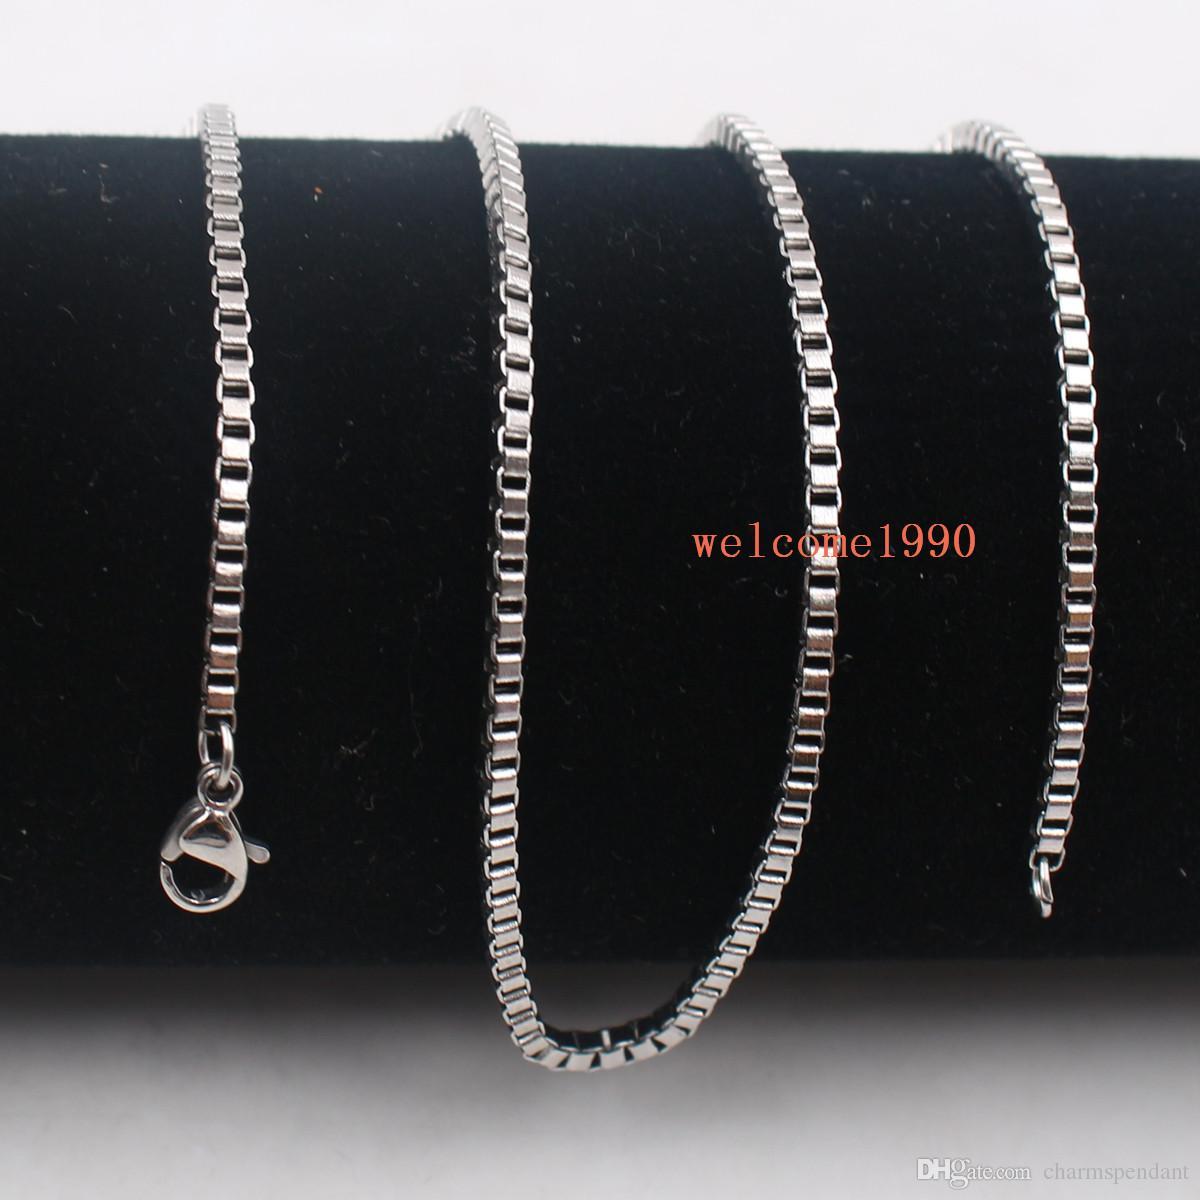 100 adetgrup Sıcak satış Takı Toptan Toplu Gümüş Paslanmaz Çelik Moda kutusu zincir kolye 2mm / 2.4mm geniş